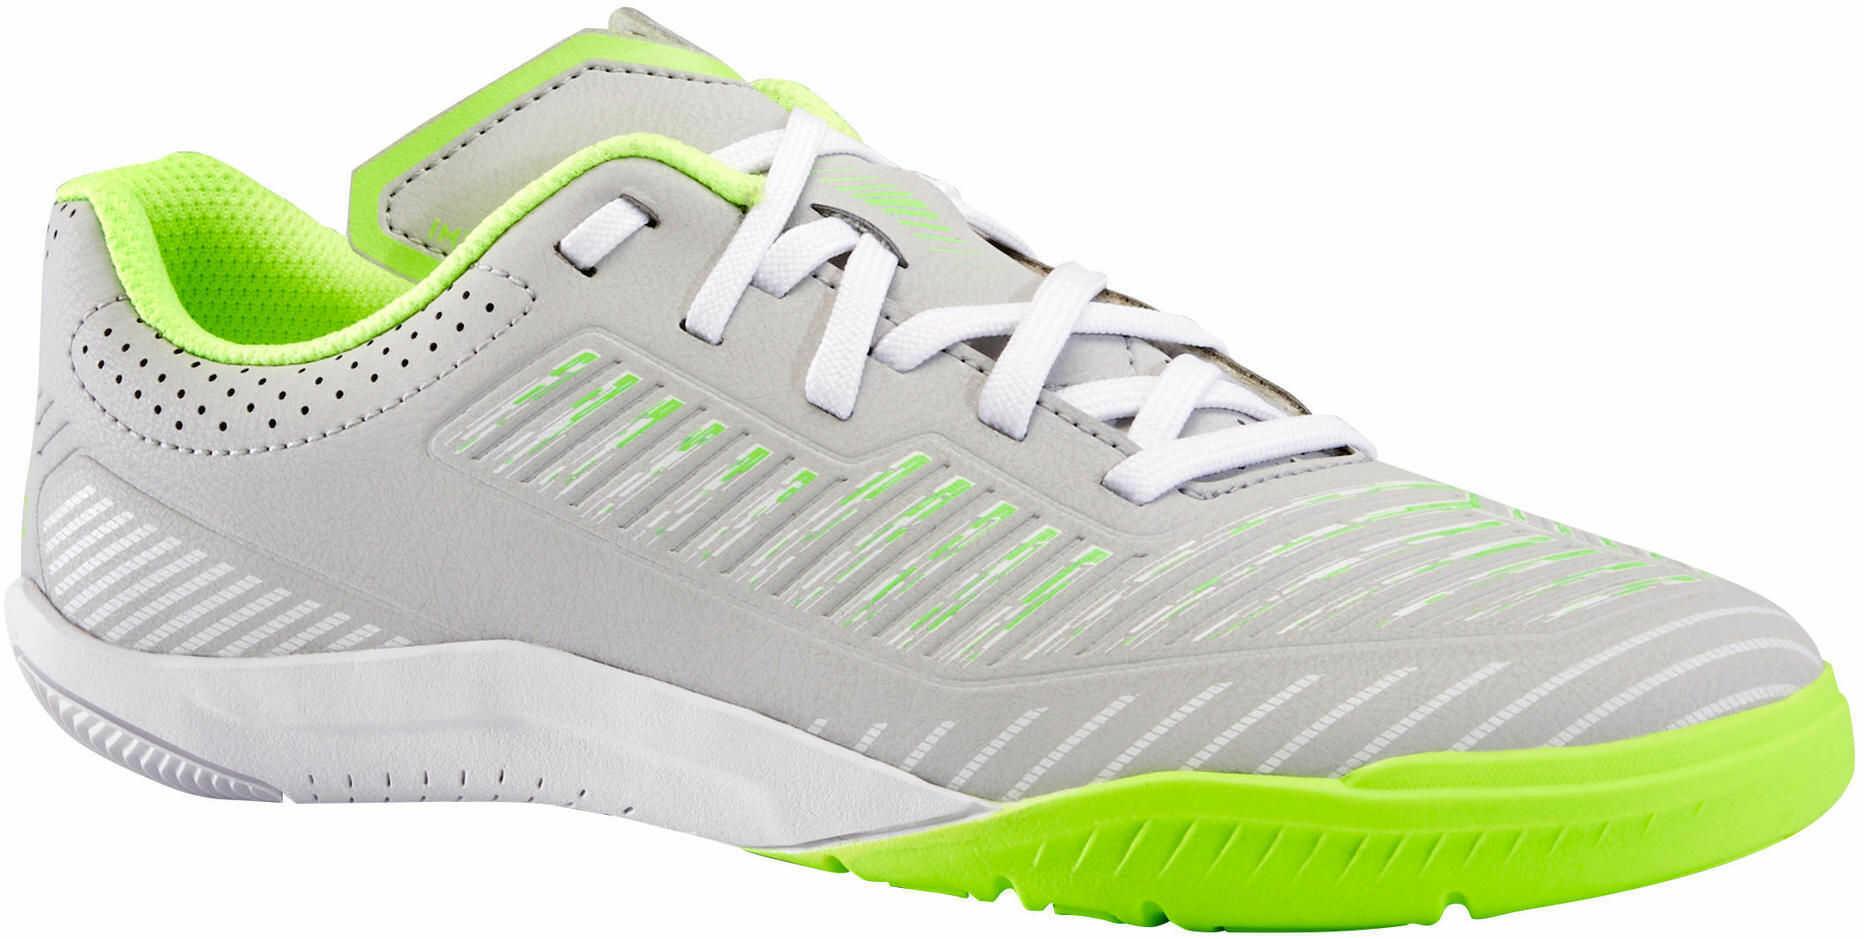 Buty halowe do piłki nożnej dla dzieci Imviso GINKA 500